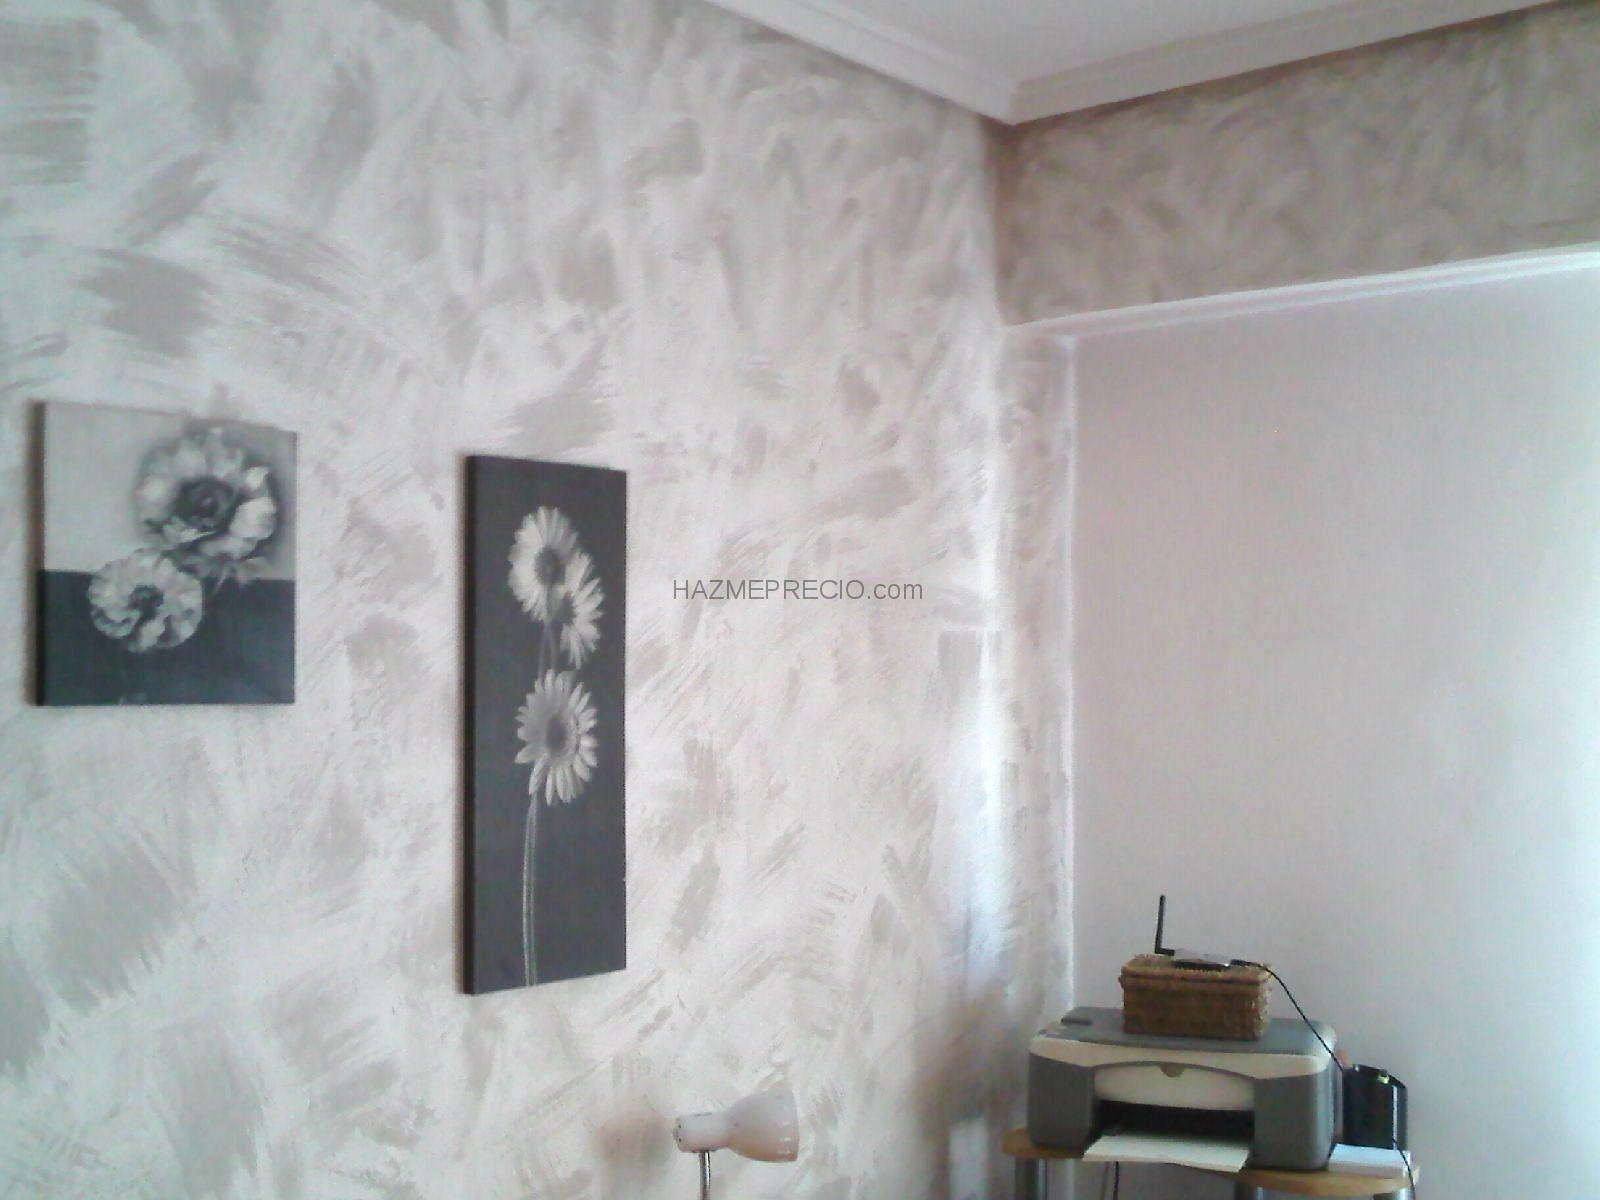 pinturas decorativas trabajo en habitacion con gotele